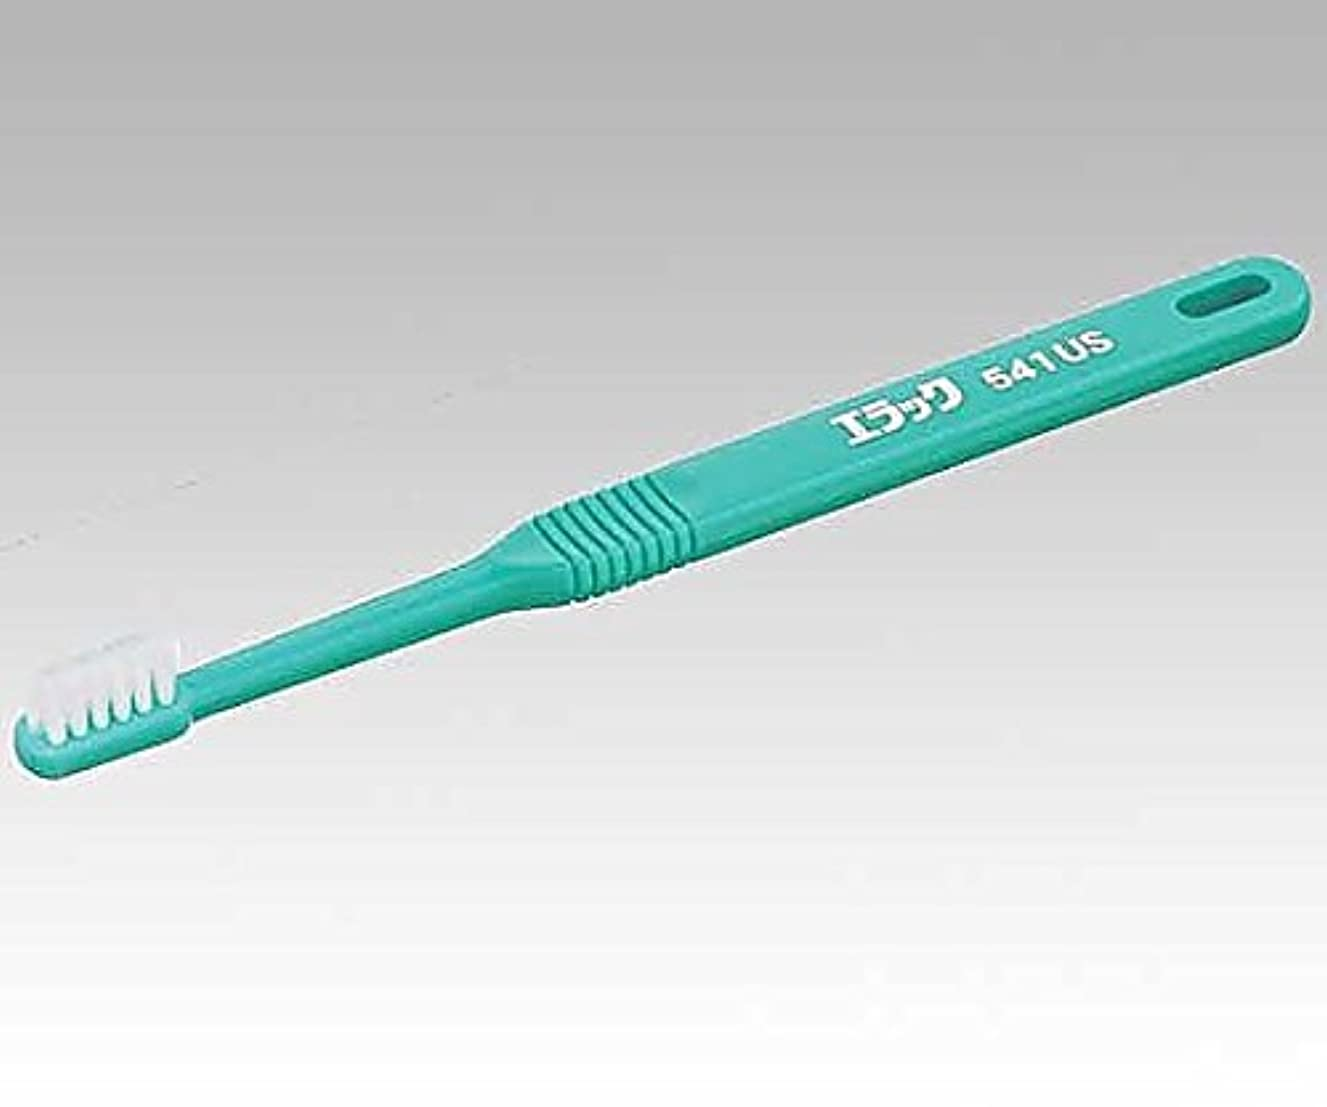 紳士気取りの、きざな手足専門用語ライオン8-7892-01介助用歯ブラシ(ウルトラソフト)